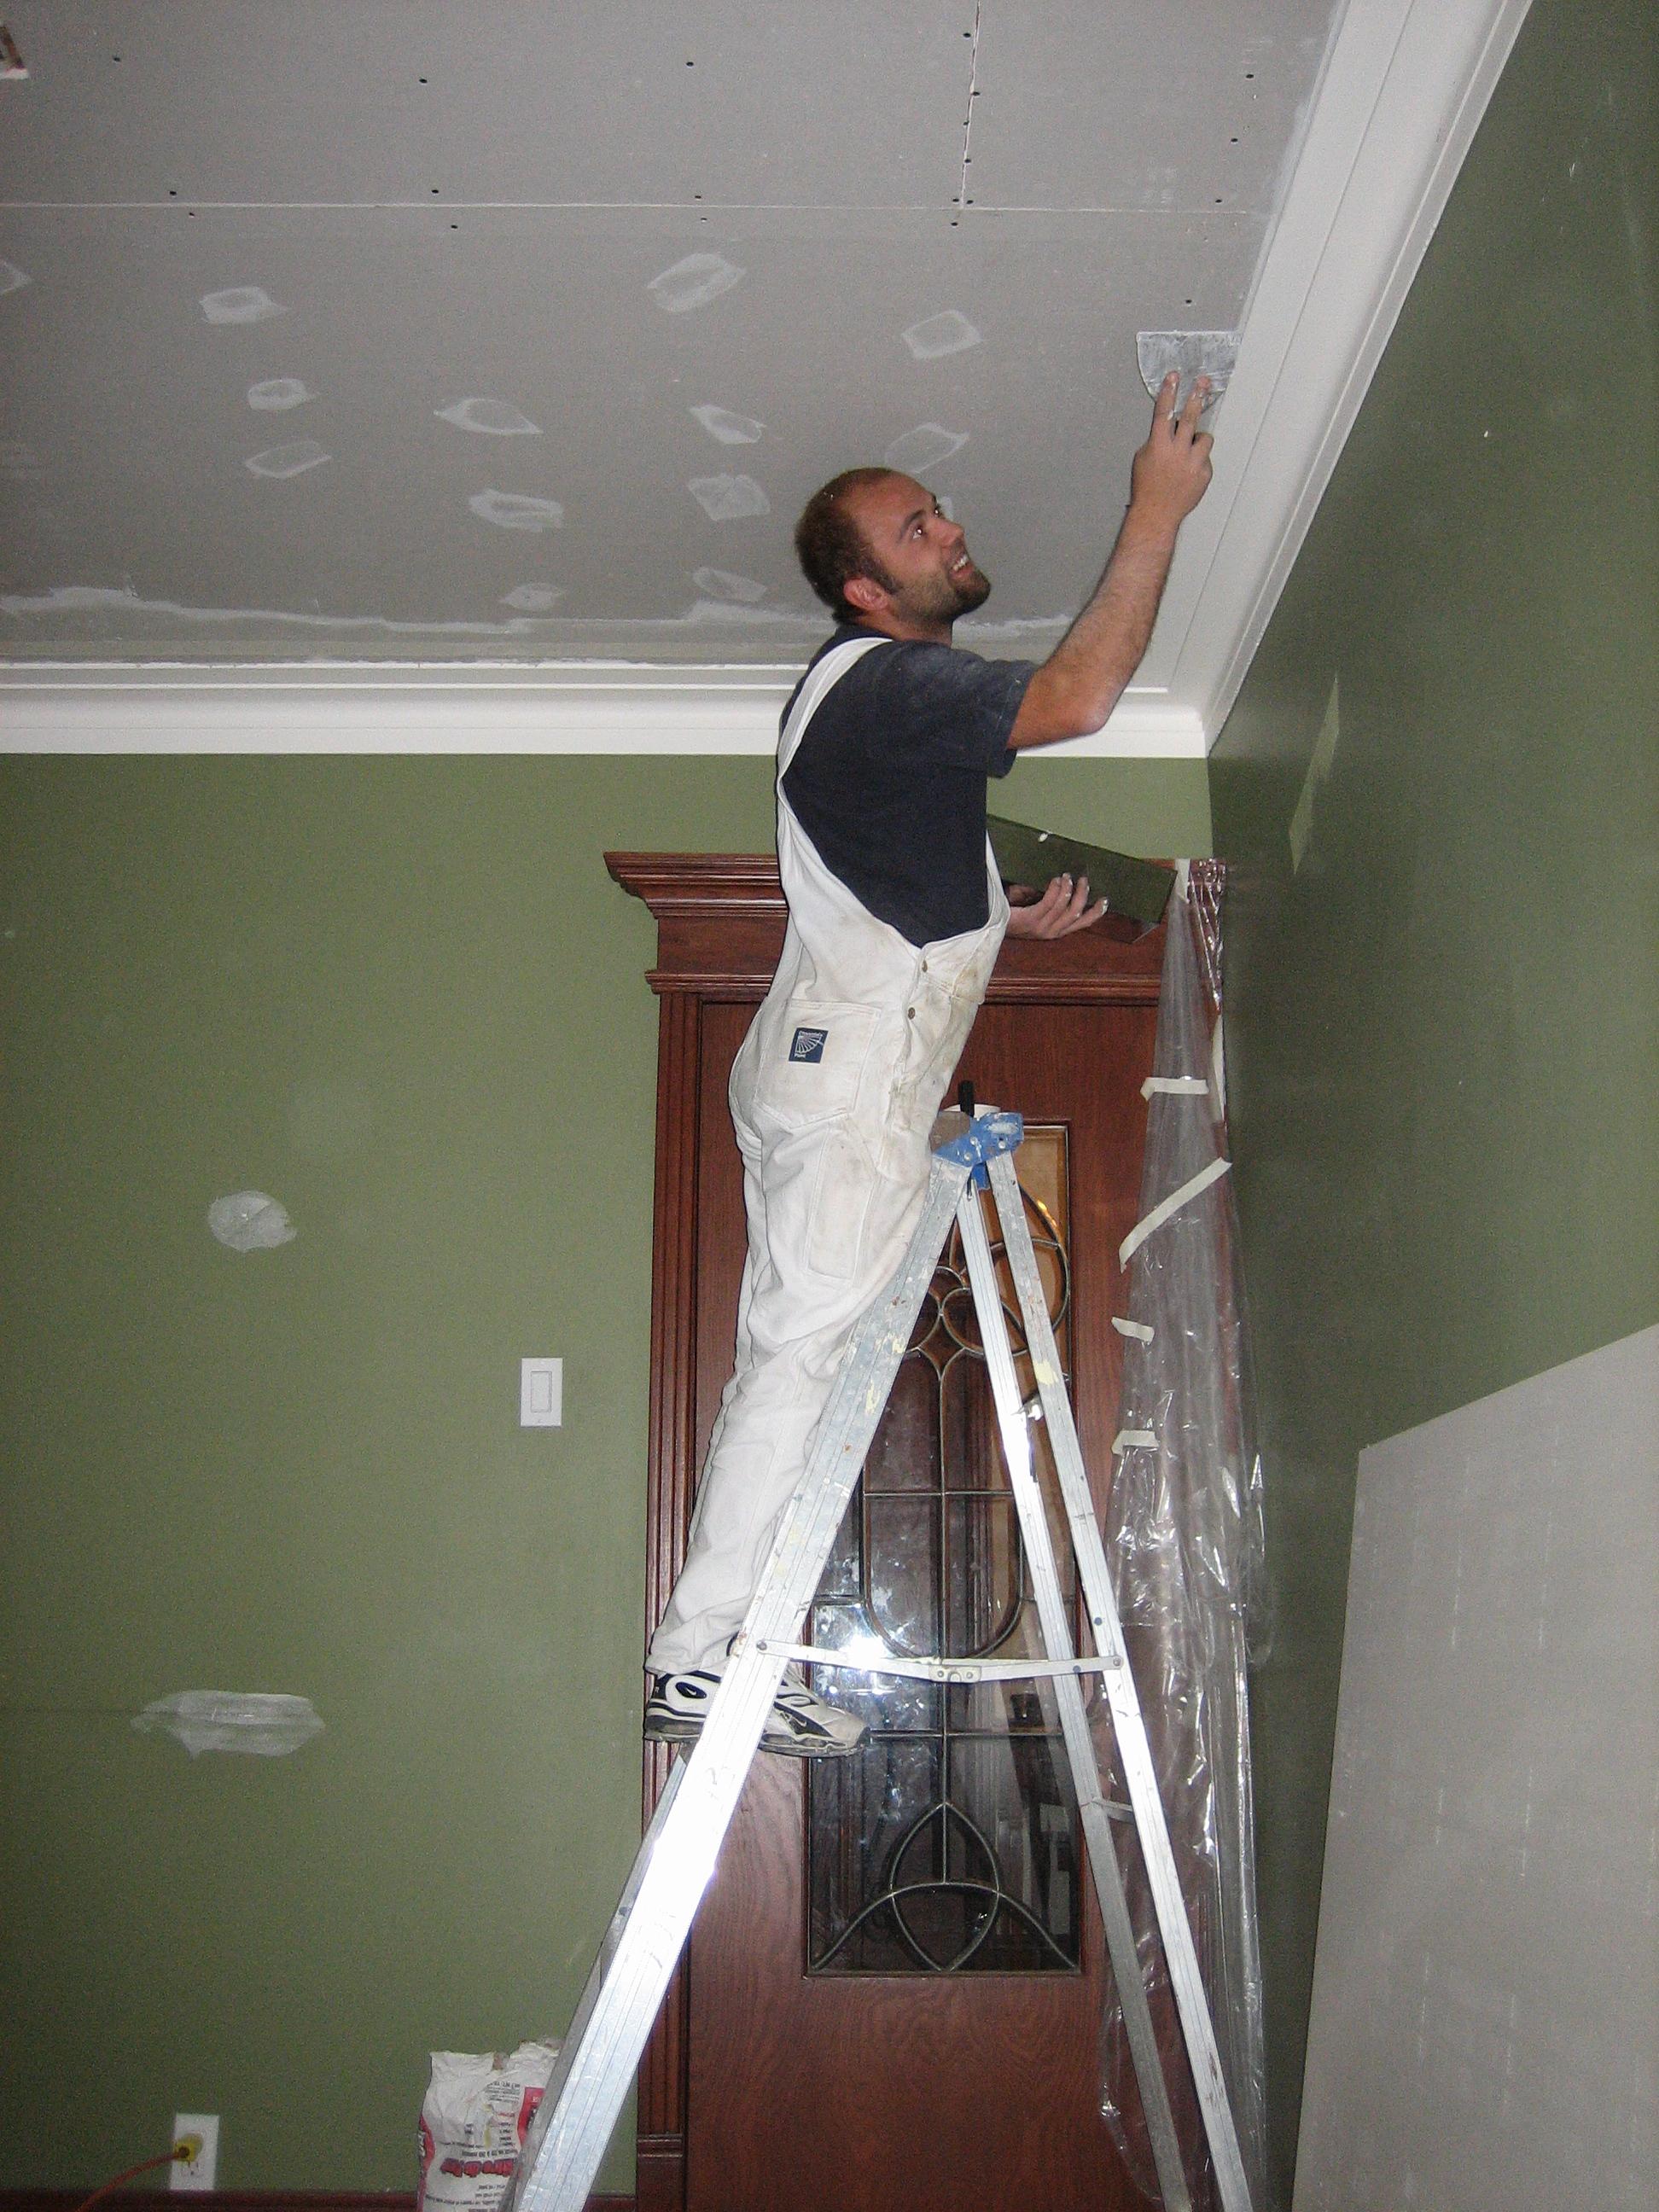 comment faire l inspection du travail d un peintre r sidentiel peinture montreal. Black Bedroom Furniture Sets. Home Design Ideas